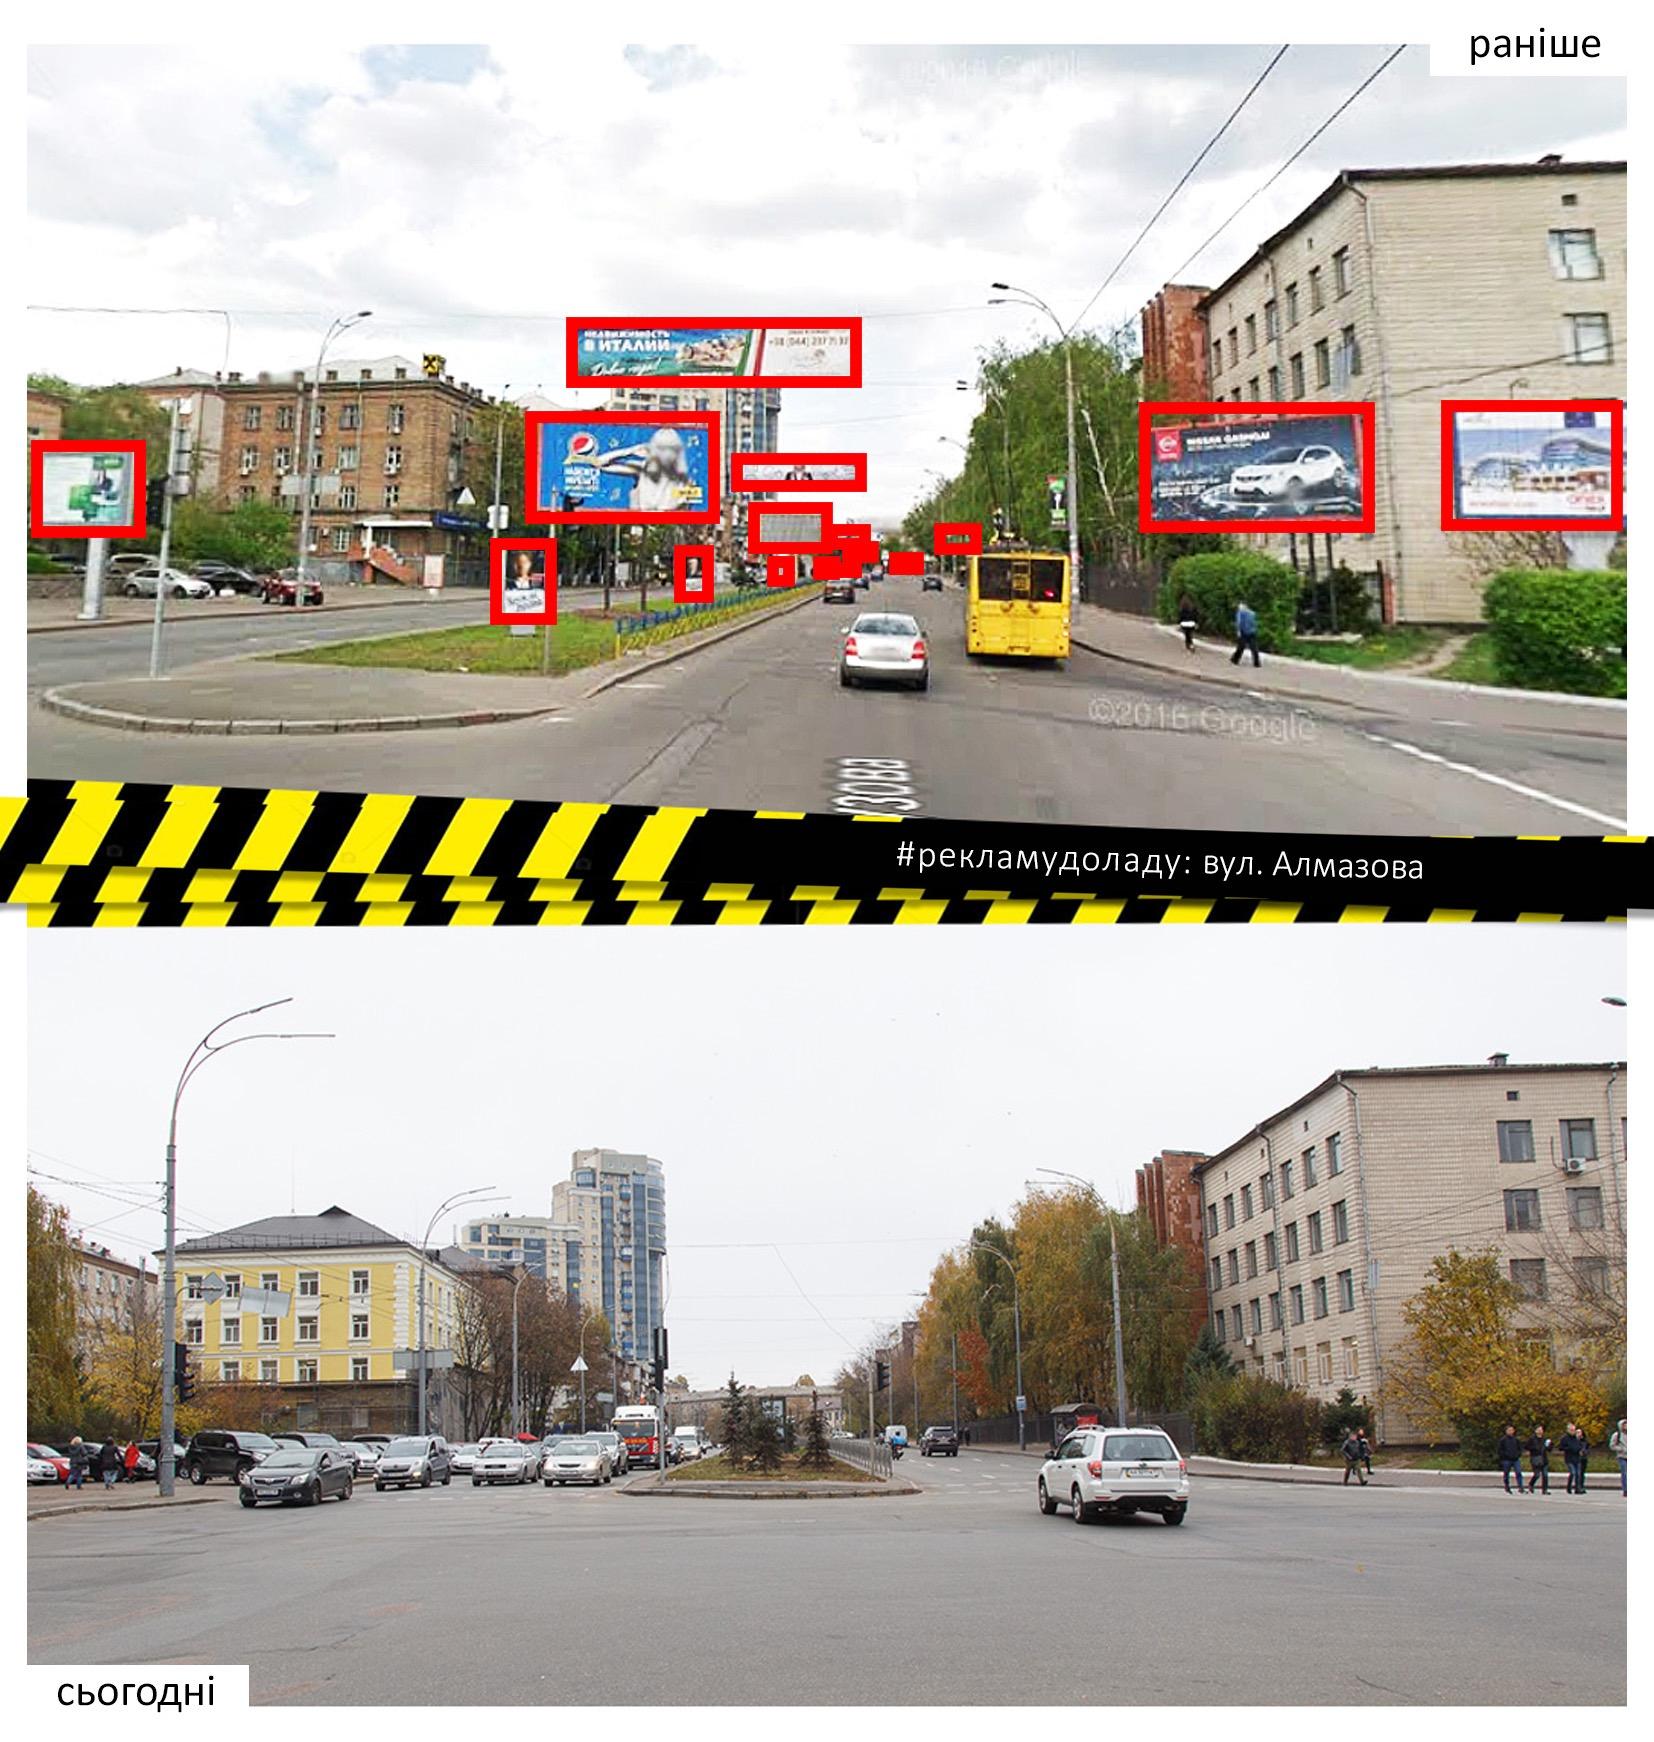 У Києві ліквідували більше тисячі рекламних конструкцій -  - 7F53D736 CE5E 4FD2 A1D4 F30769597A3A